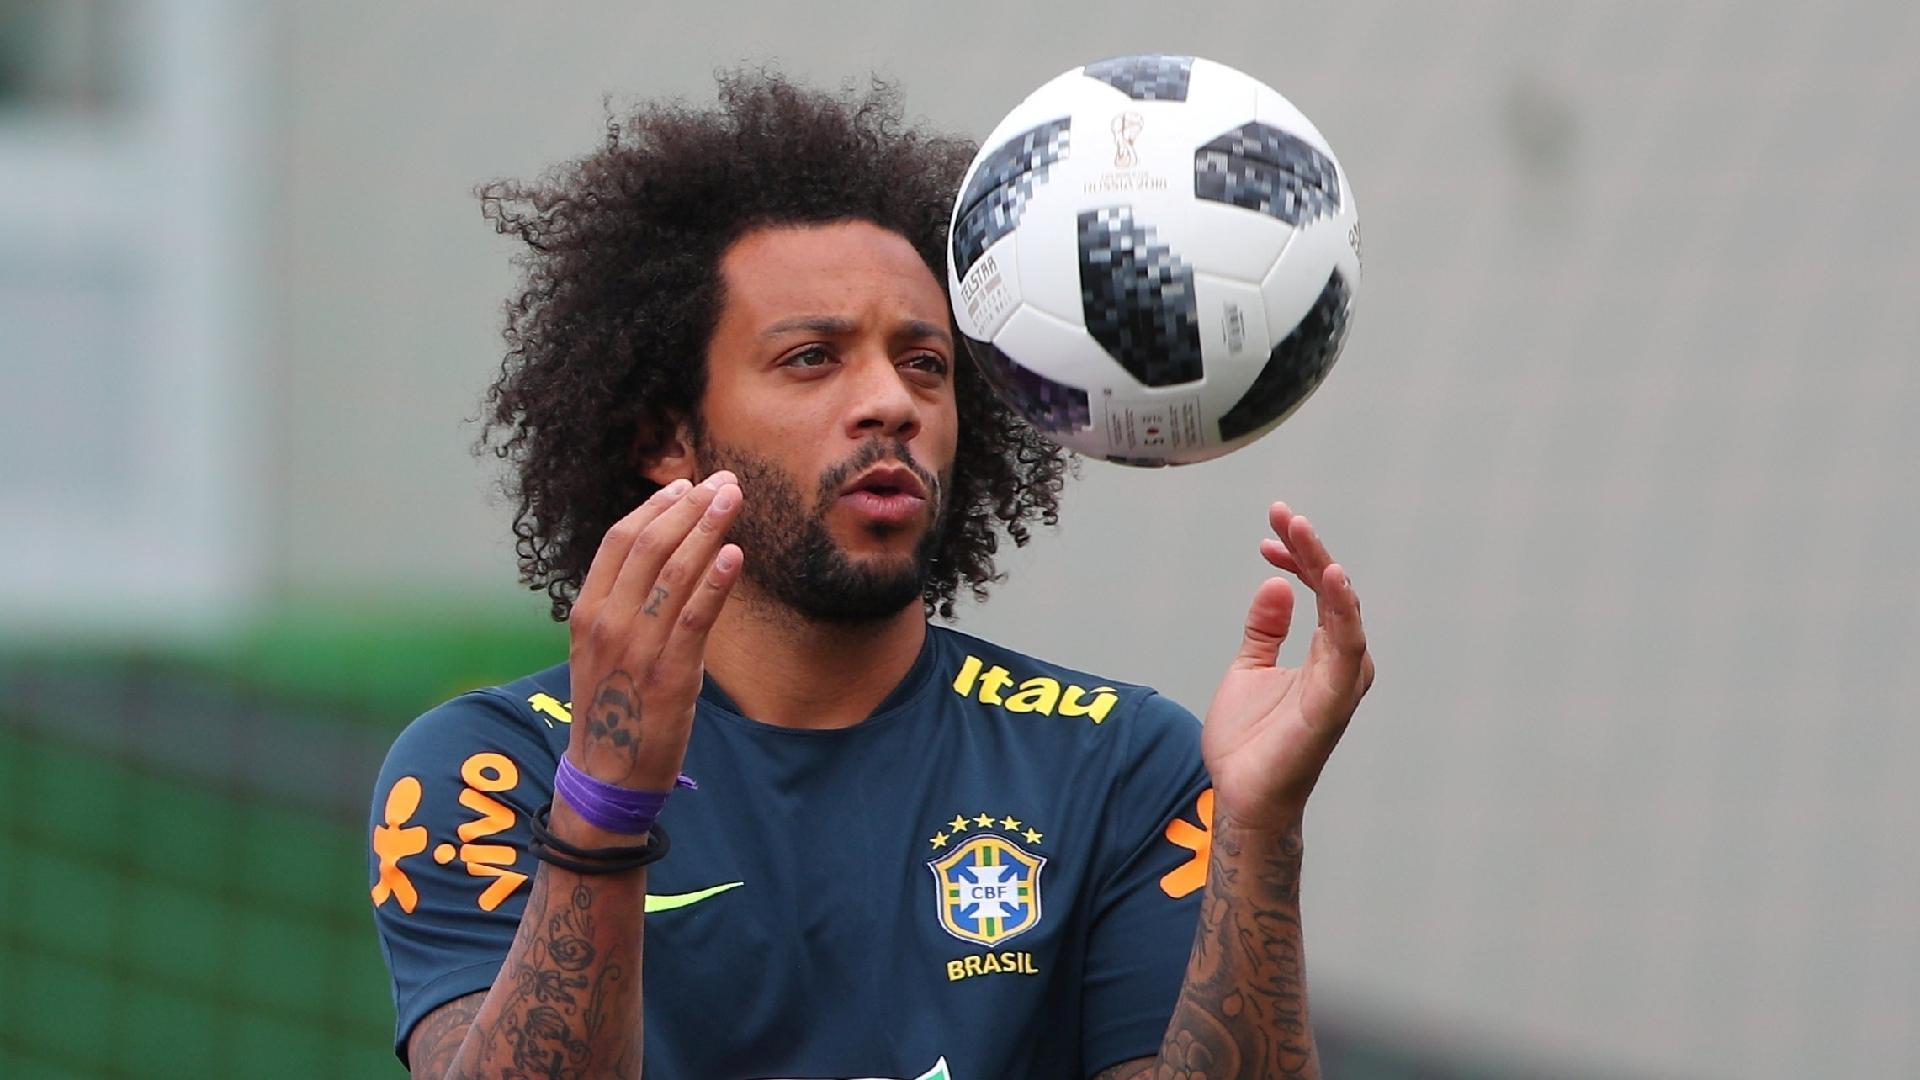 Marcelo brinca com a bola durante treino da seleção brasileira